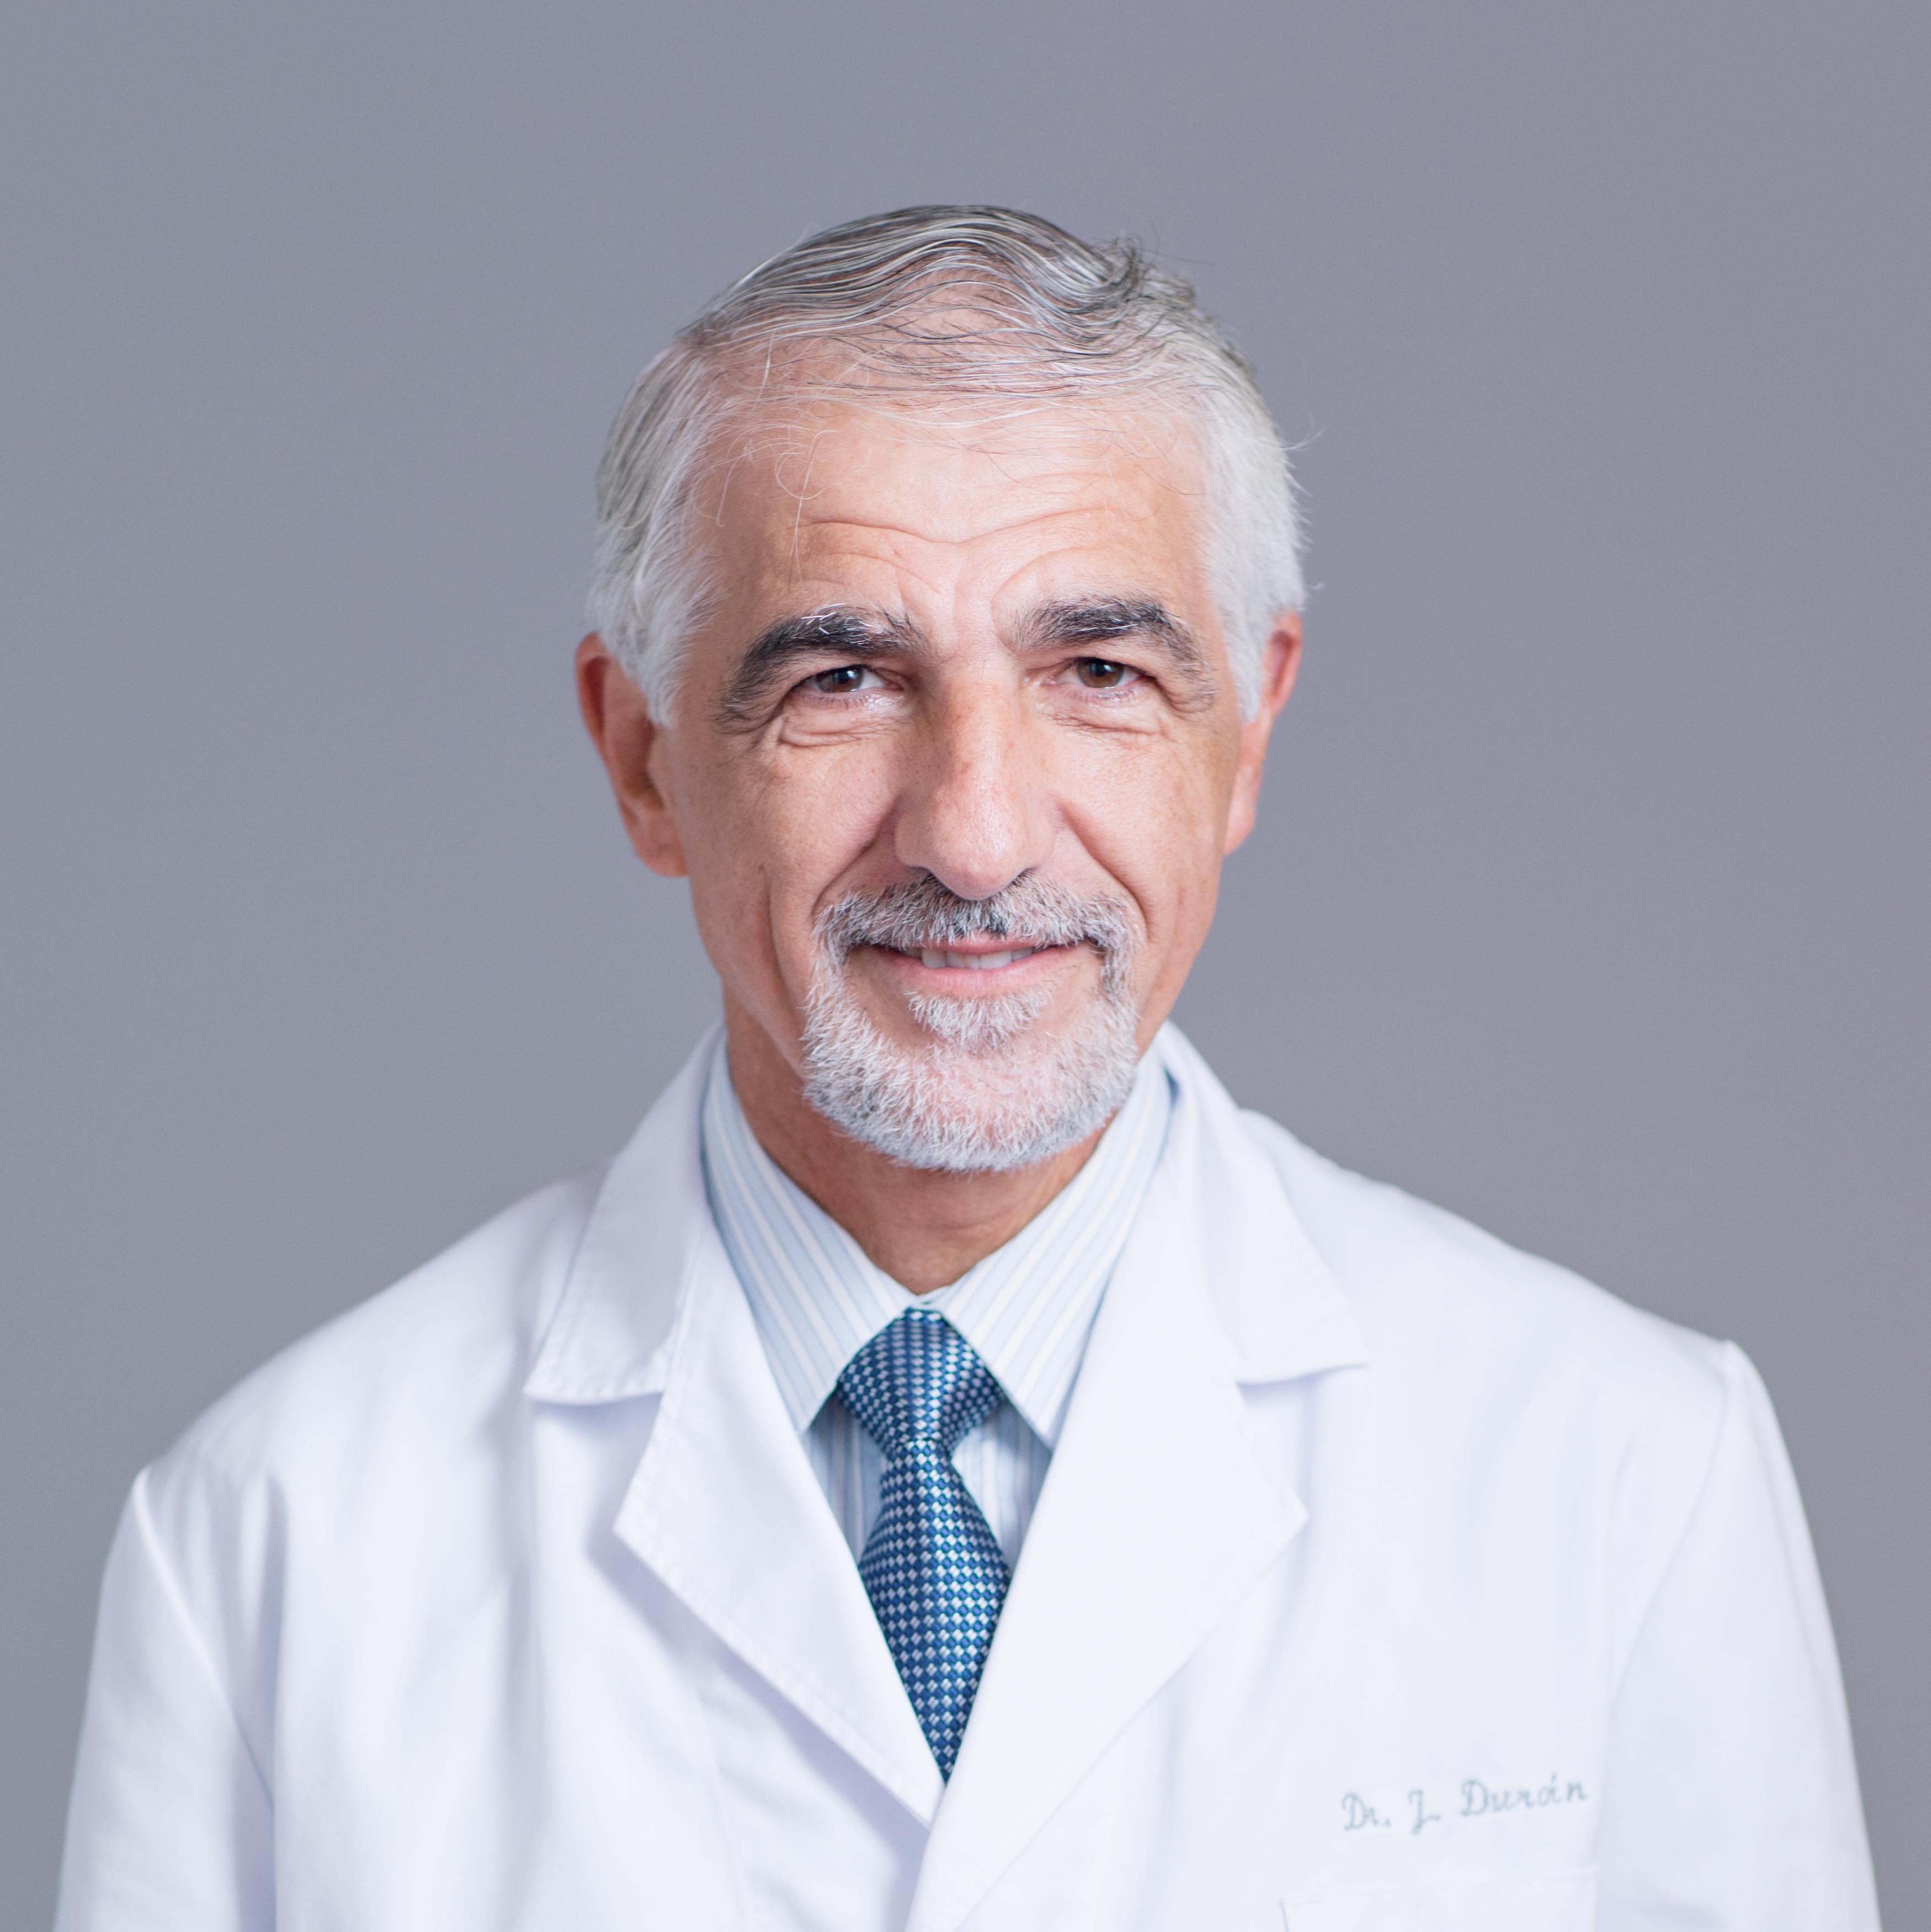 Juan Carlos Durán Consoli